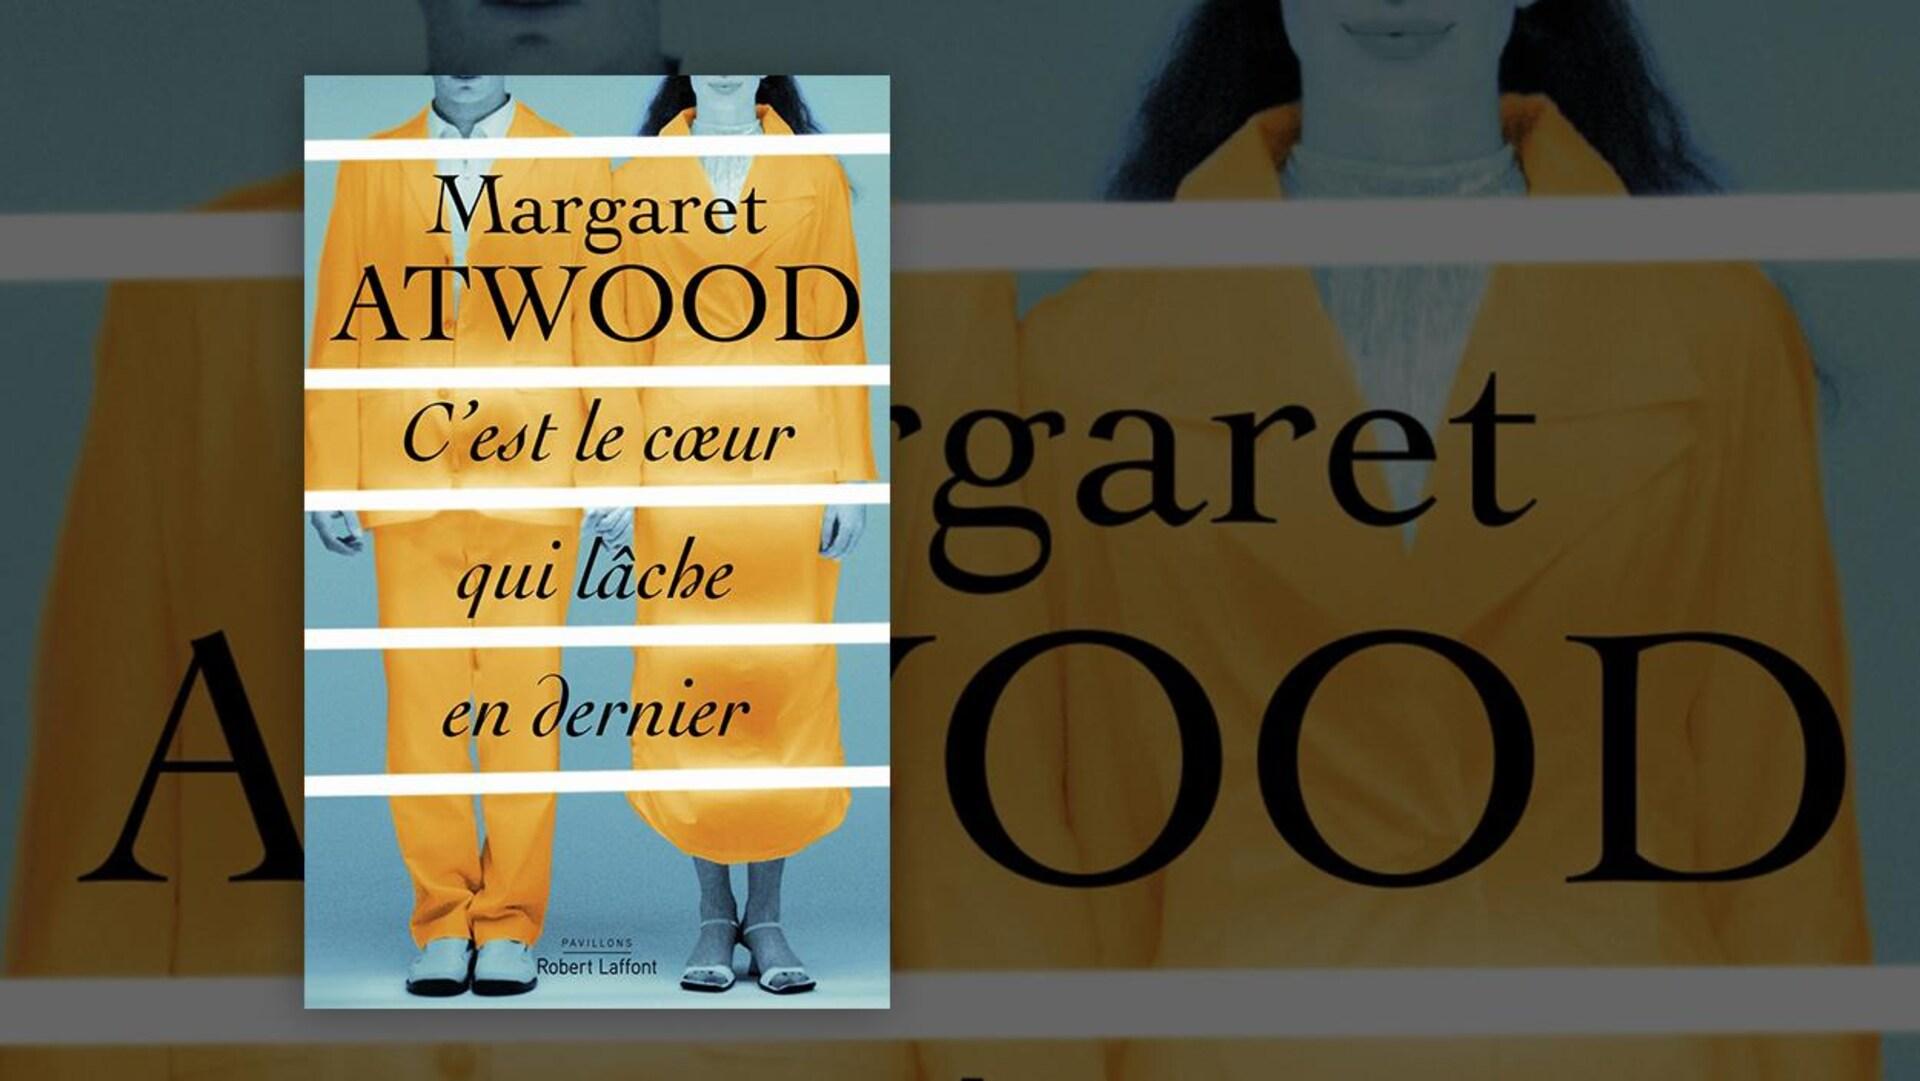 La couverture du livre «C'est le cœur qui lâche en dernier» de Margaret Atwood